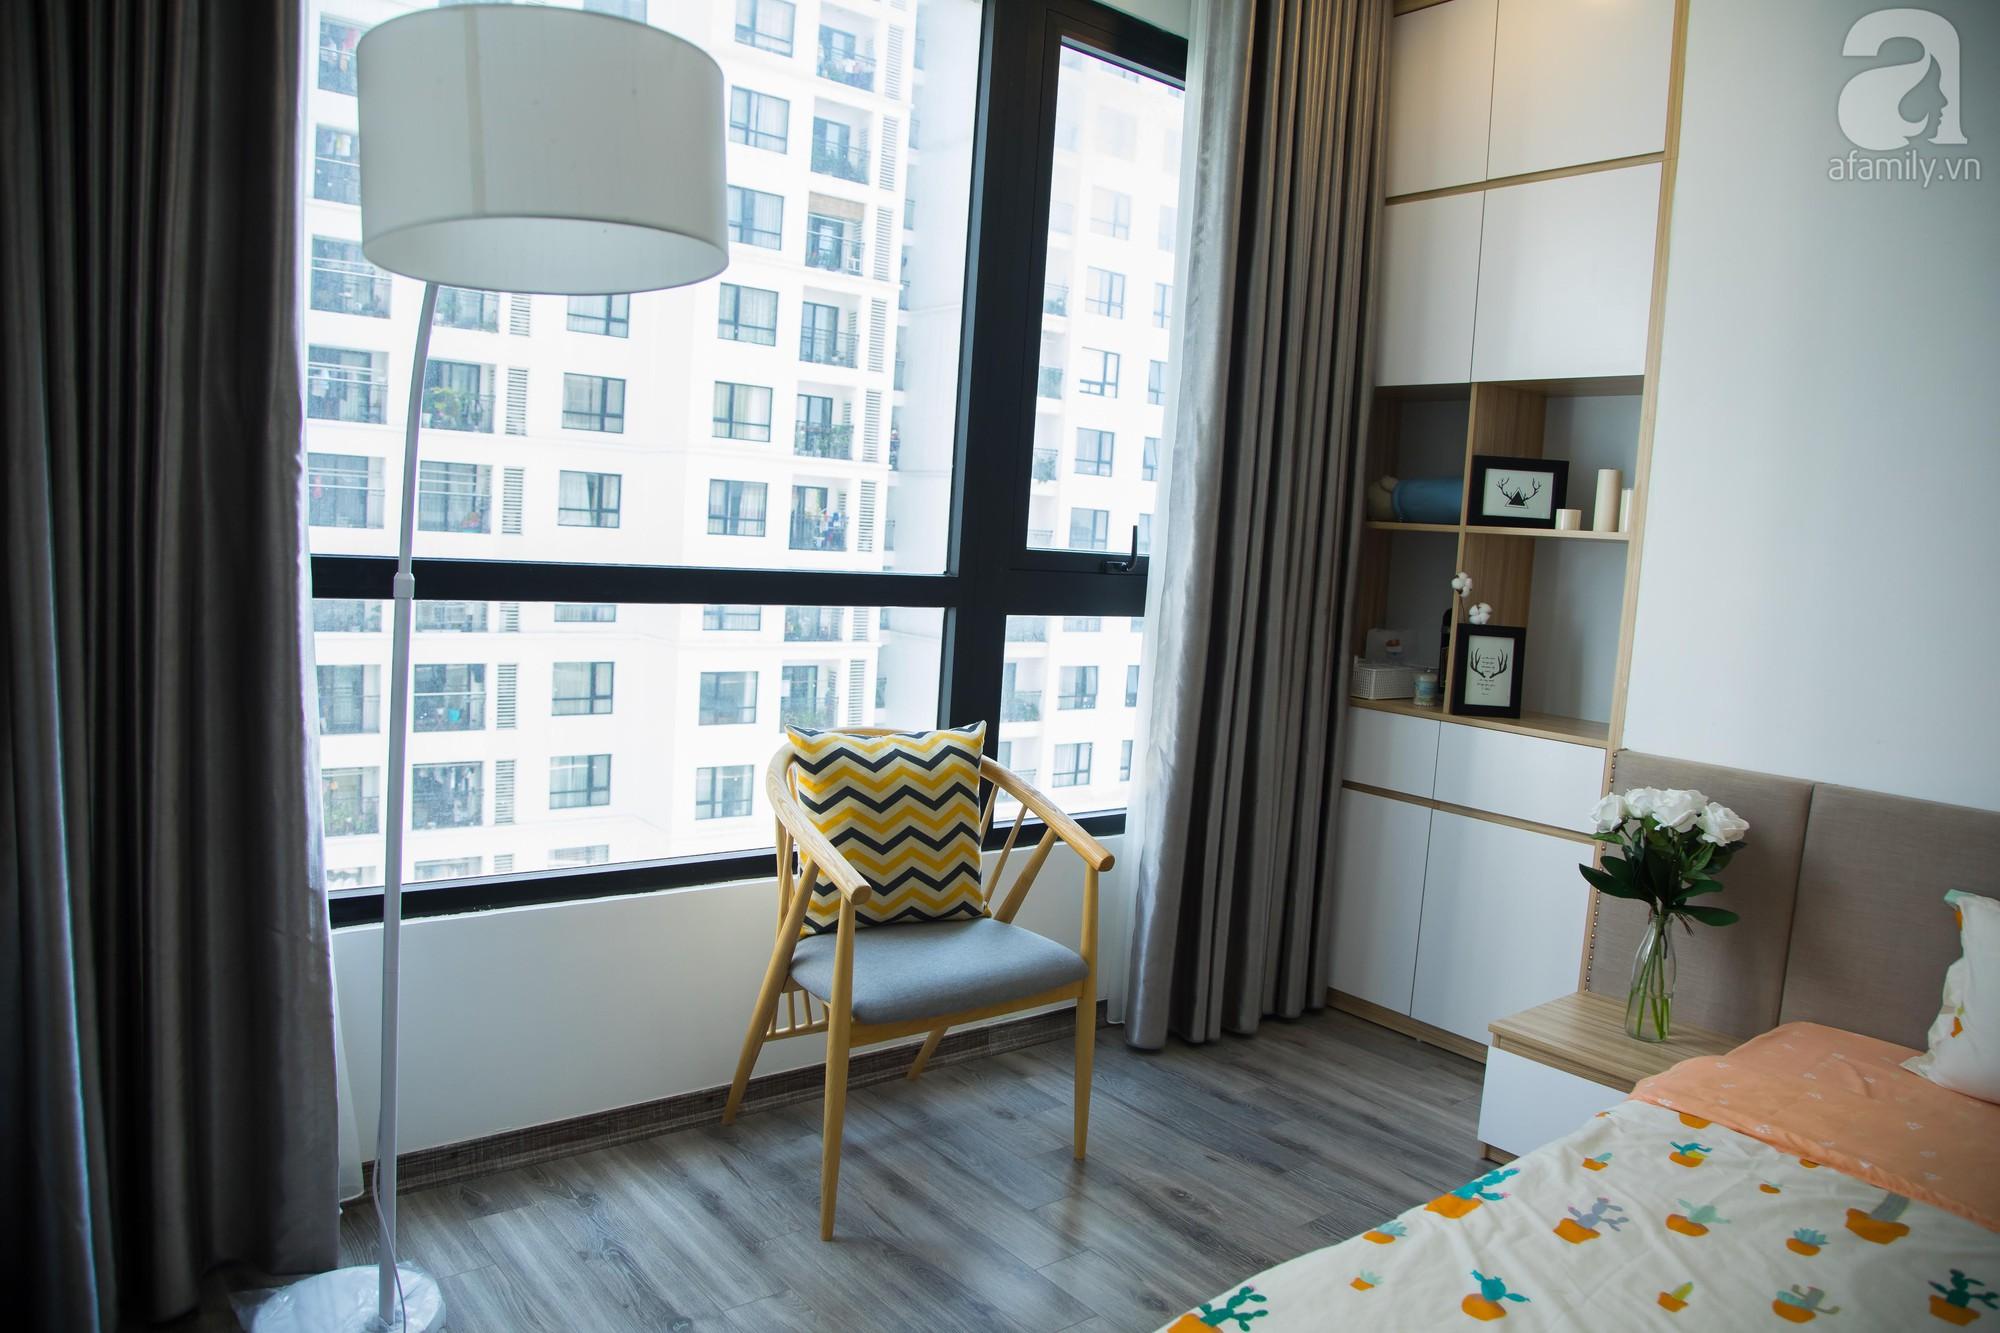 Căn hộ trên tầng cao đẹp duyên dáng với phong cách Scandinavian giữa lòng Hà Nội của đôi vợ chồng trẻ - Ảnh 21.